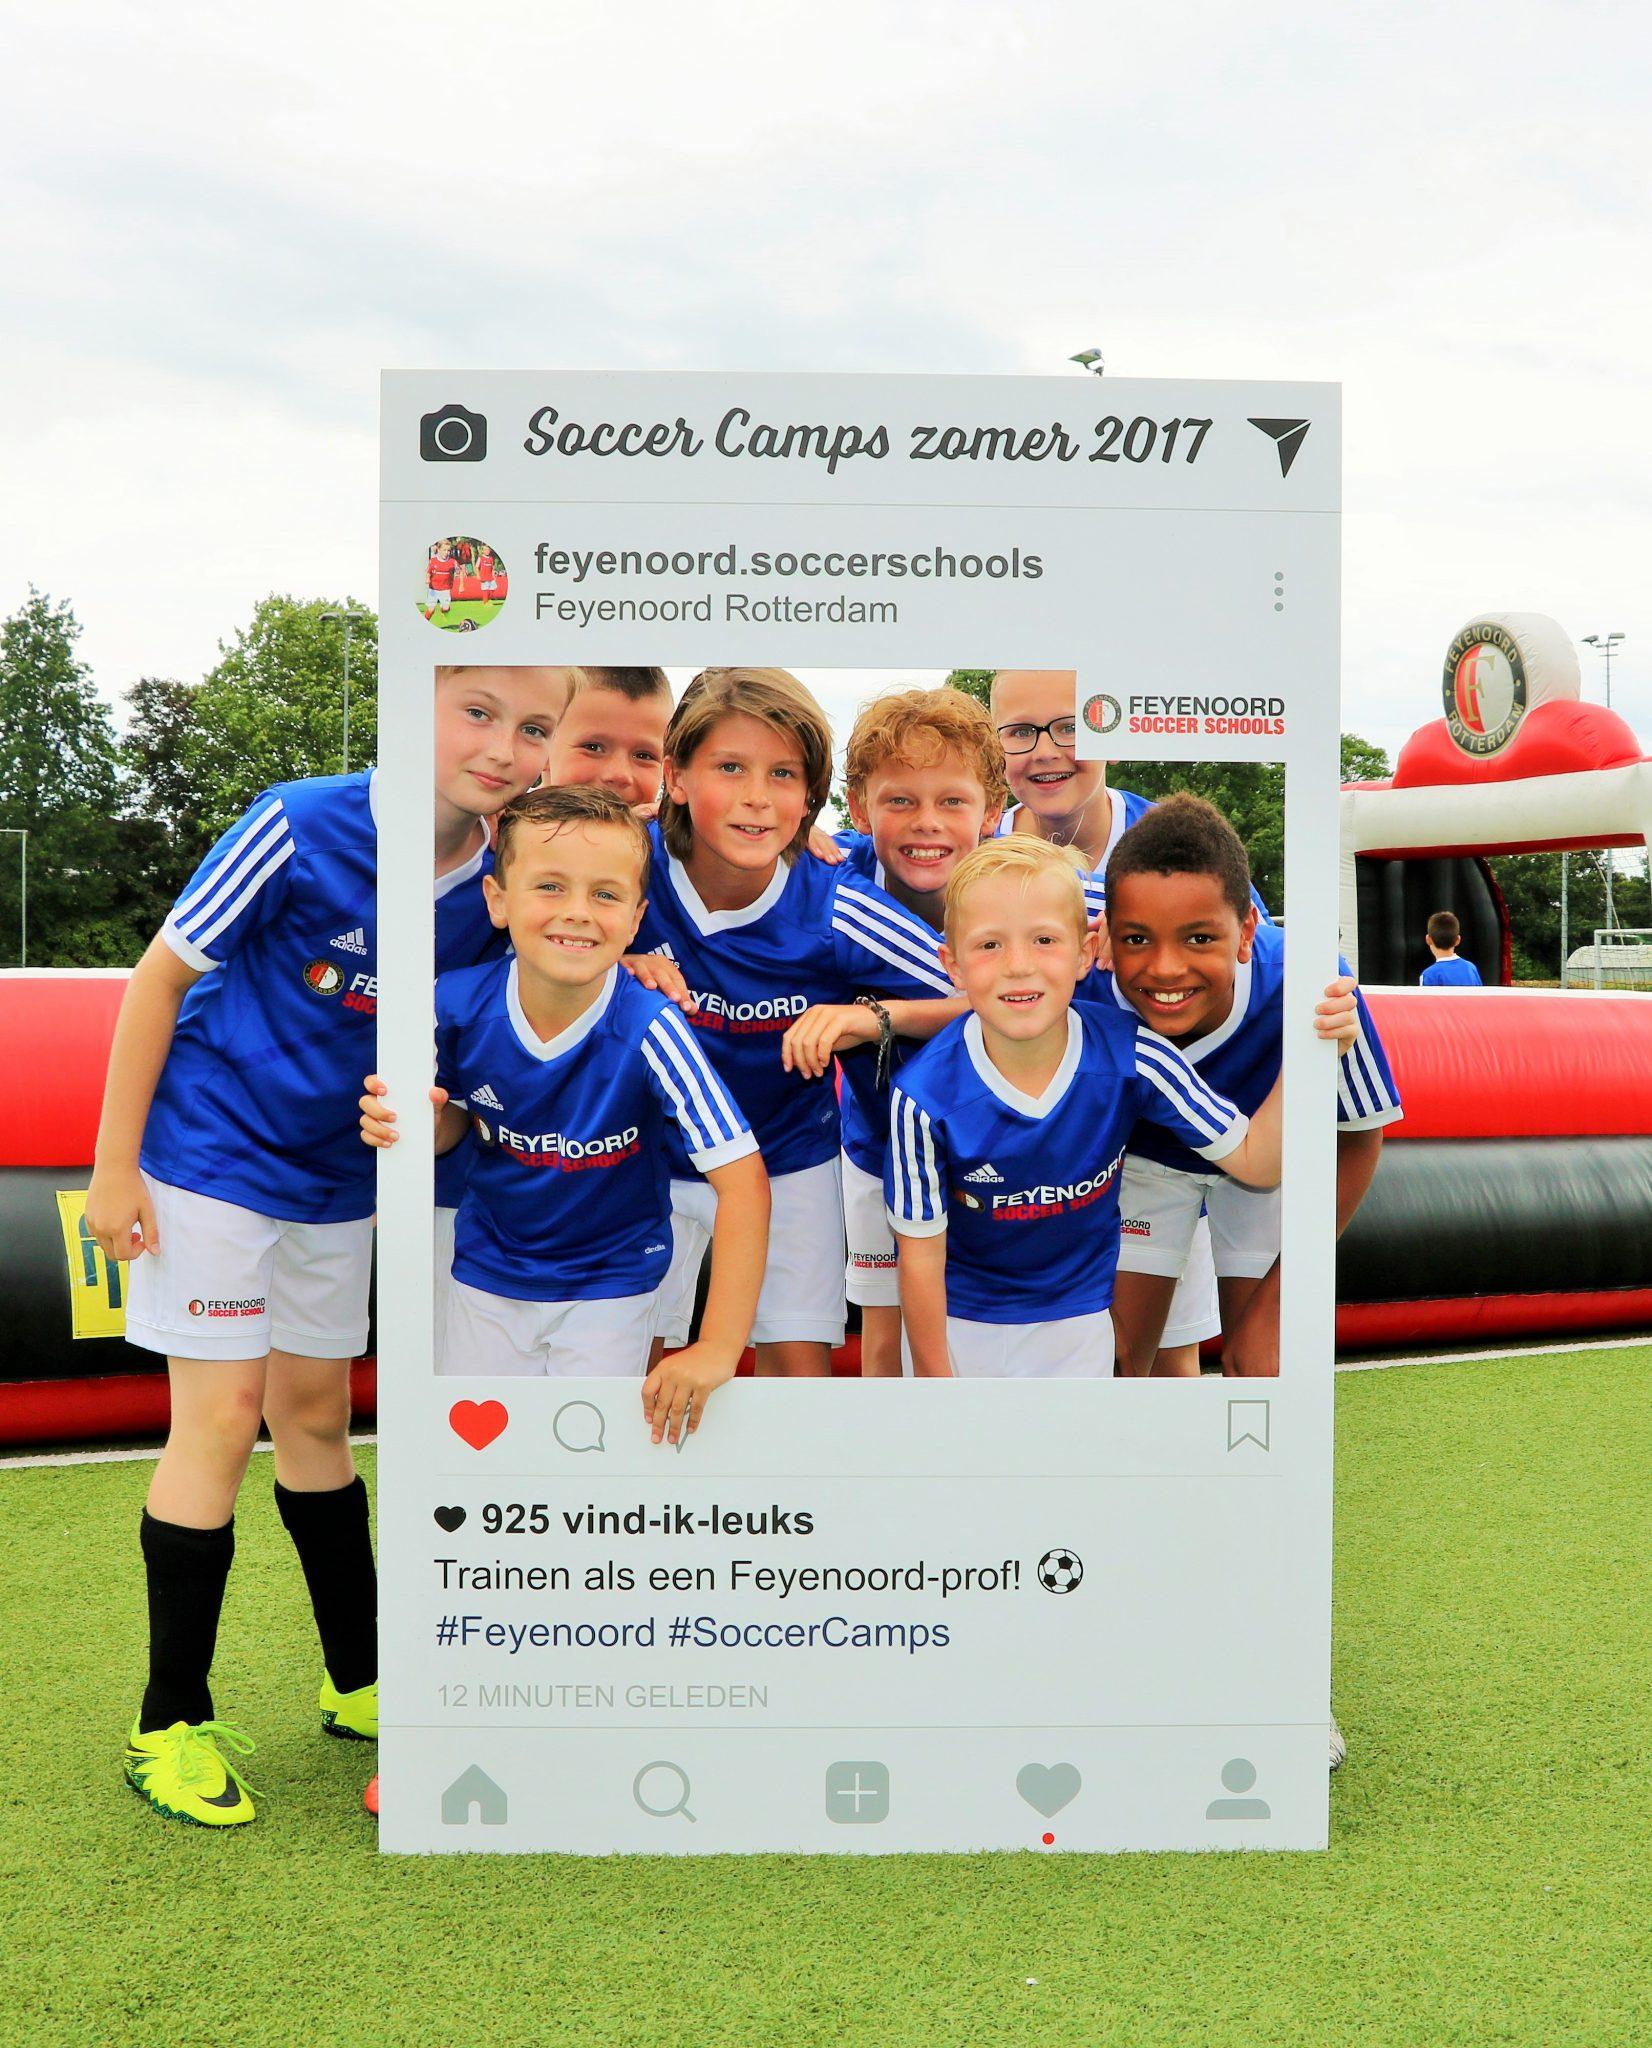 Feyenoord soccer Camp bij vv Internos